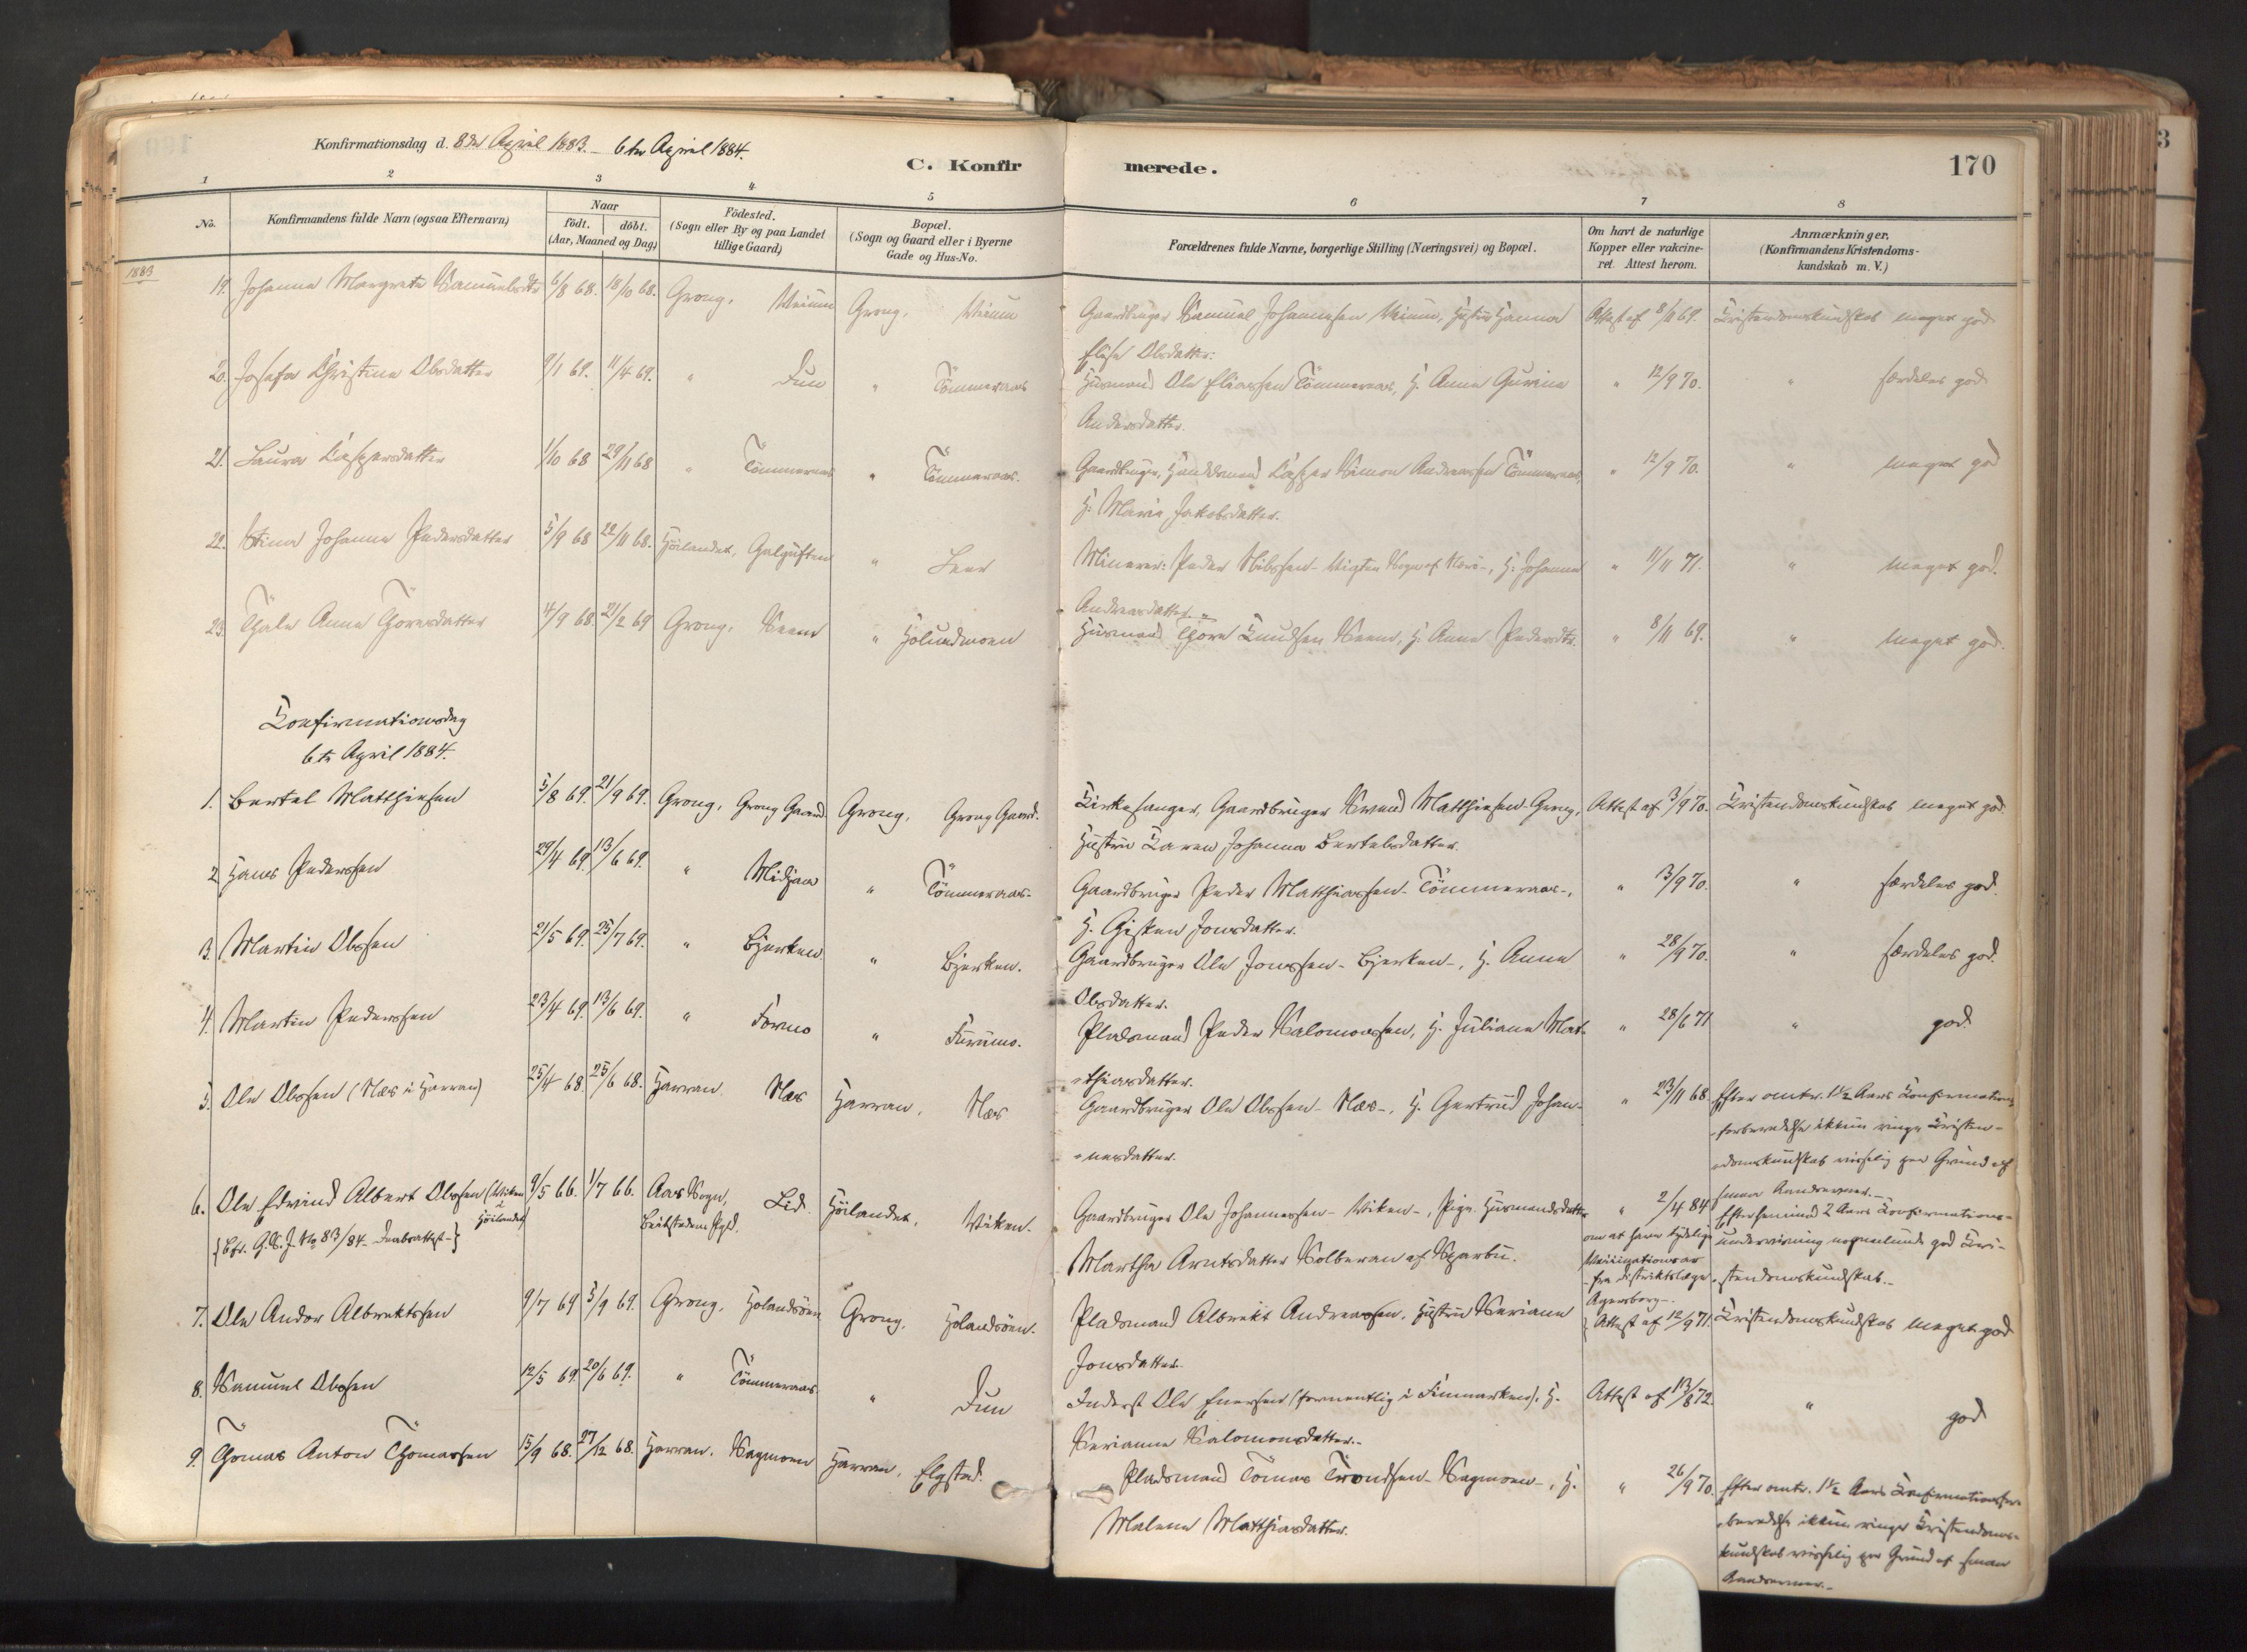 SAT, Ministerialprotokoller, klokkerbøker og fødselsregistre - Nord-Trøndelag, 758/L0519: Ministerialbok nr. 758A04, 1880-1926, s. 170